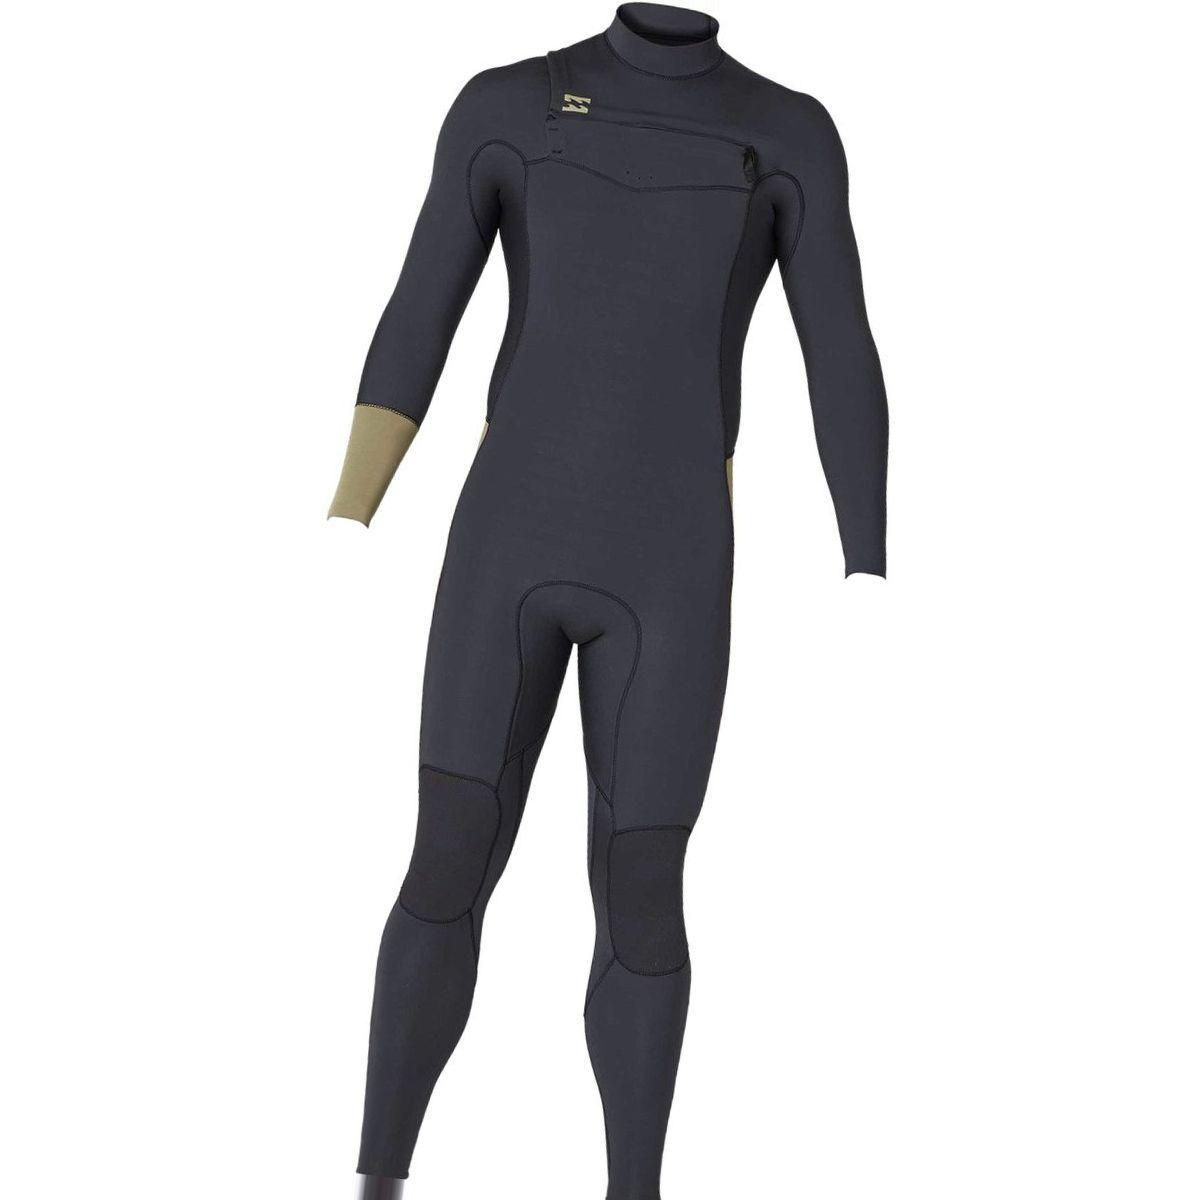 Billabong 3/2 Furnace Revolution Chest Zip Full Wetsuit - Men's